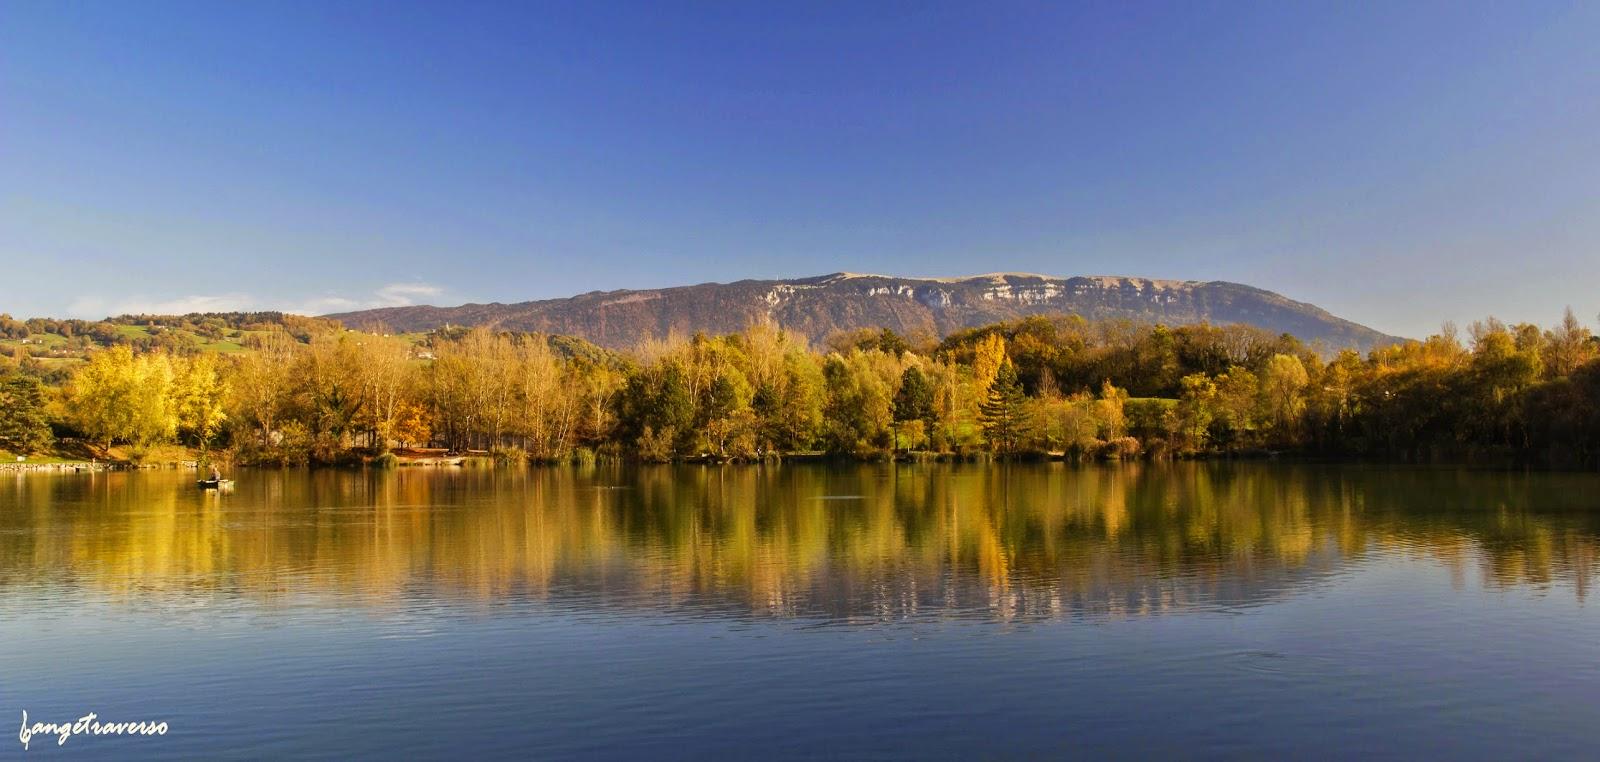 Montagne du Semnoz, dans le massif des Bauges, depuis la Base de Loisirs à Rumilly, Haute-Savoie, France